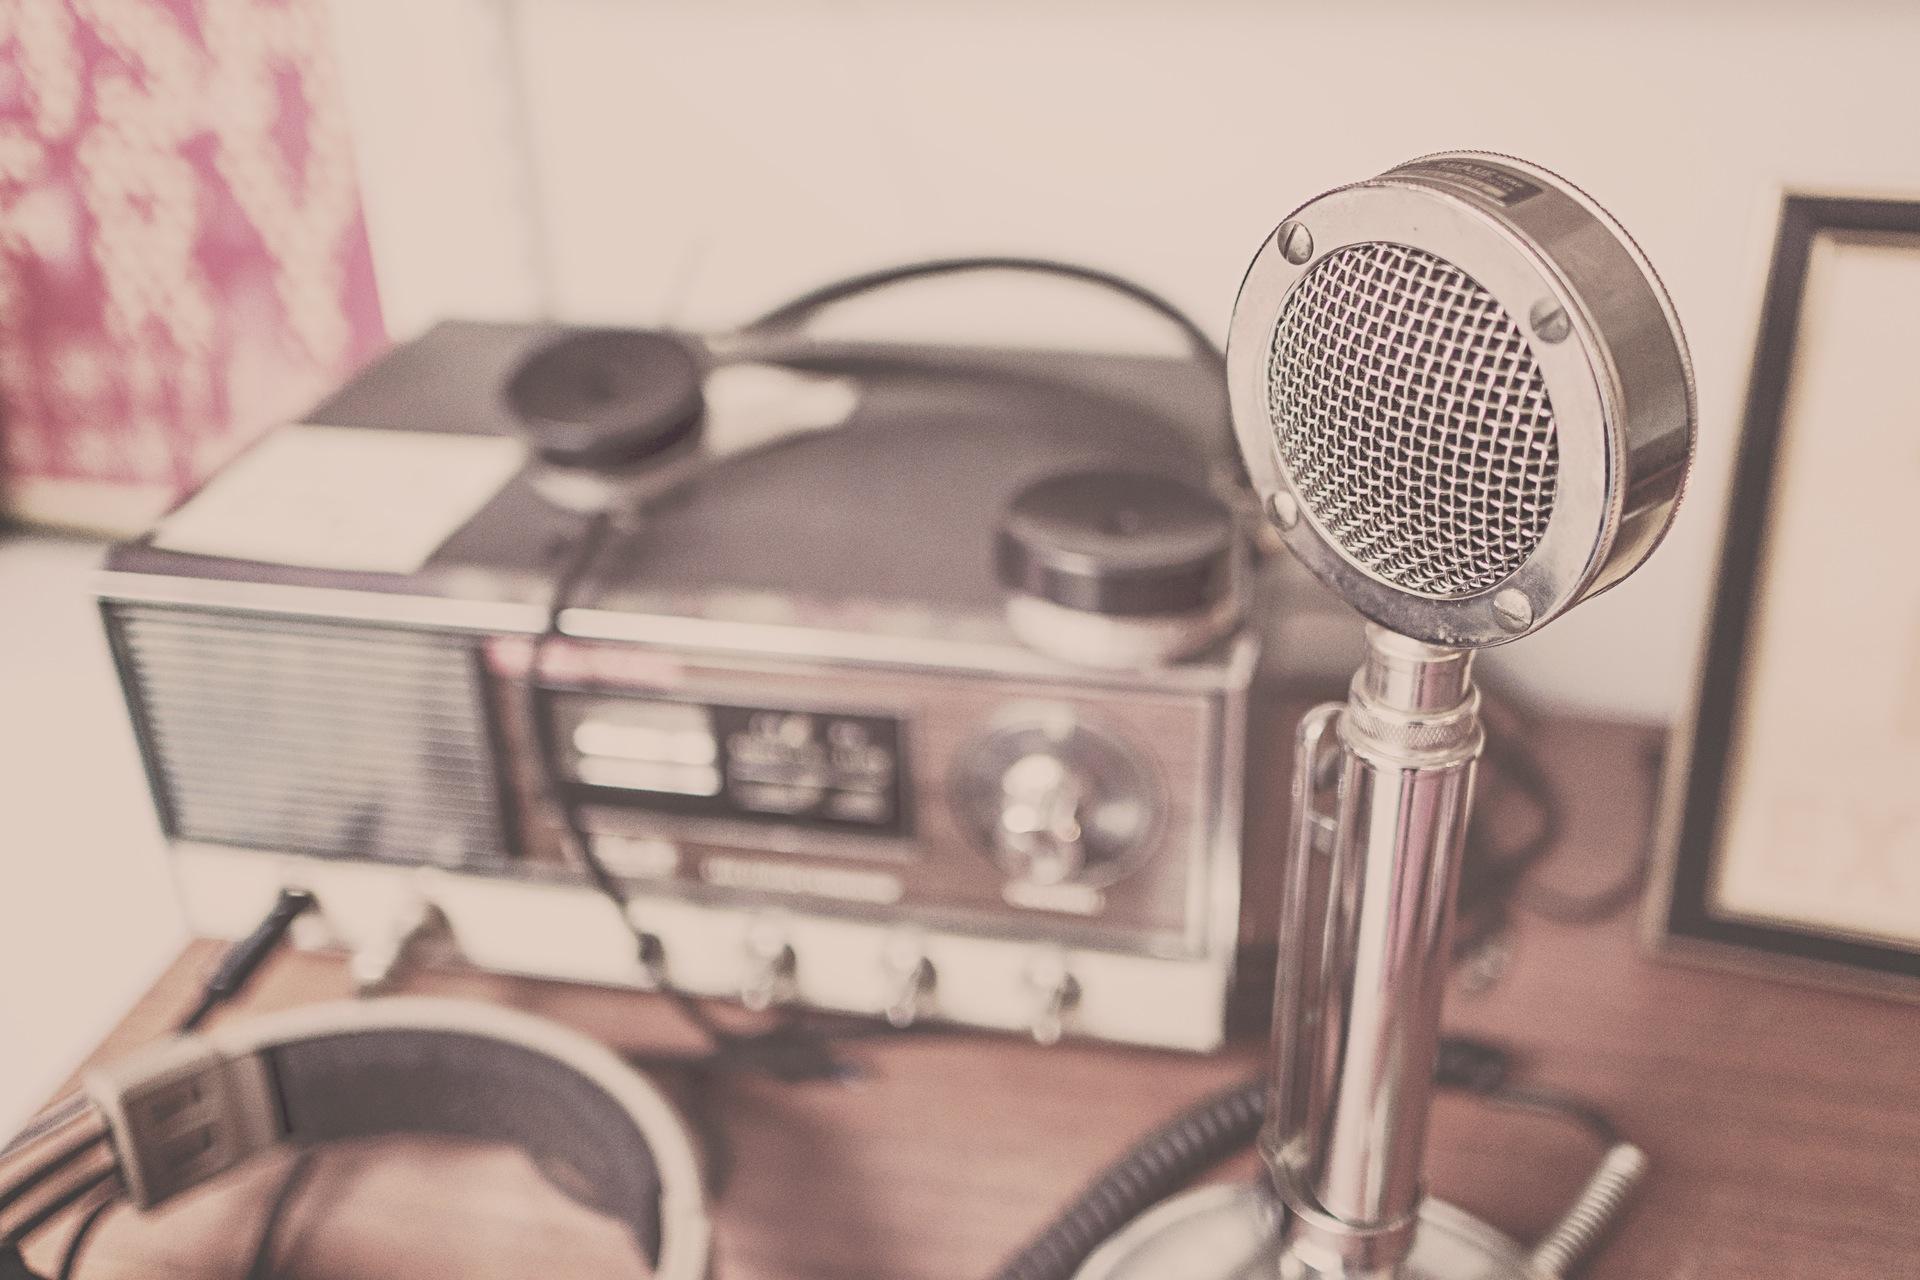 电台, 麦克风, 演讲者, 声音, 音频, 年份, 老 - 高清壁纸 - 教授-falken.com